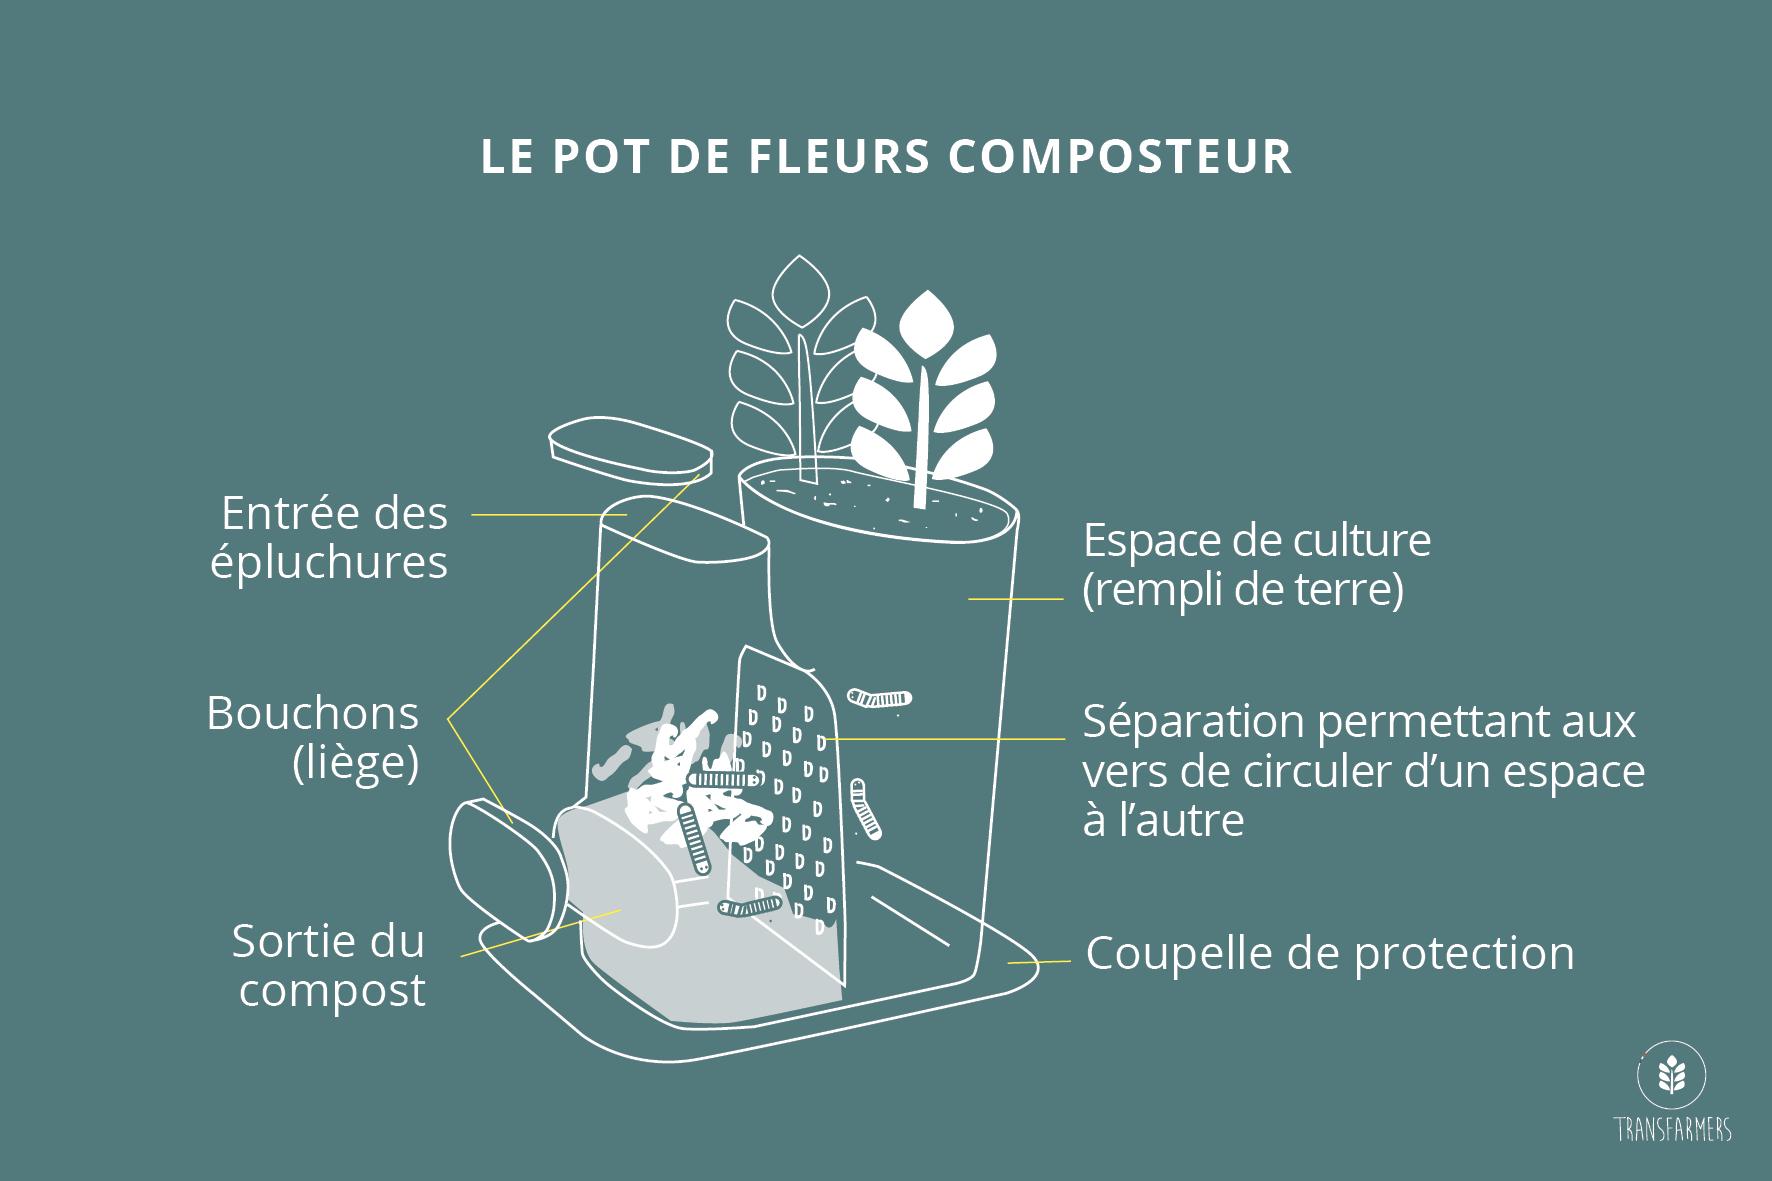 Fonctionnement du pot de fleurs composteur